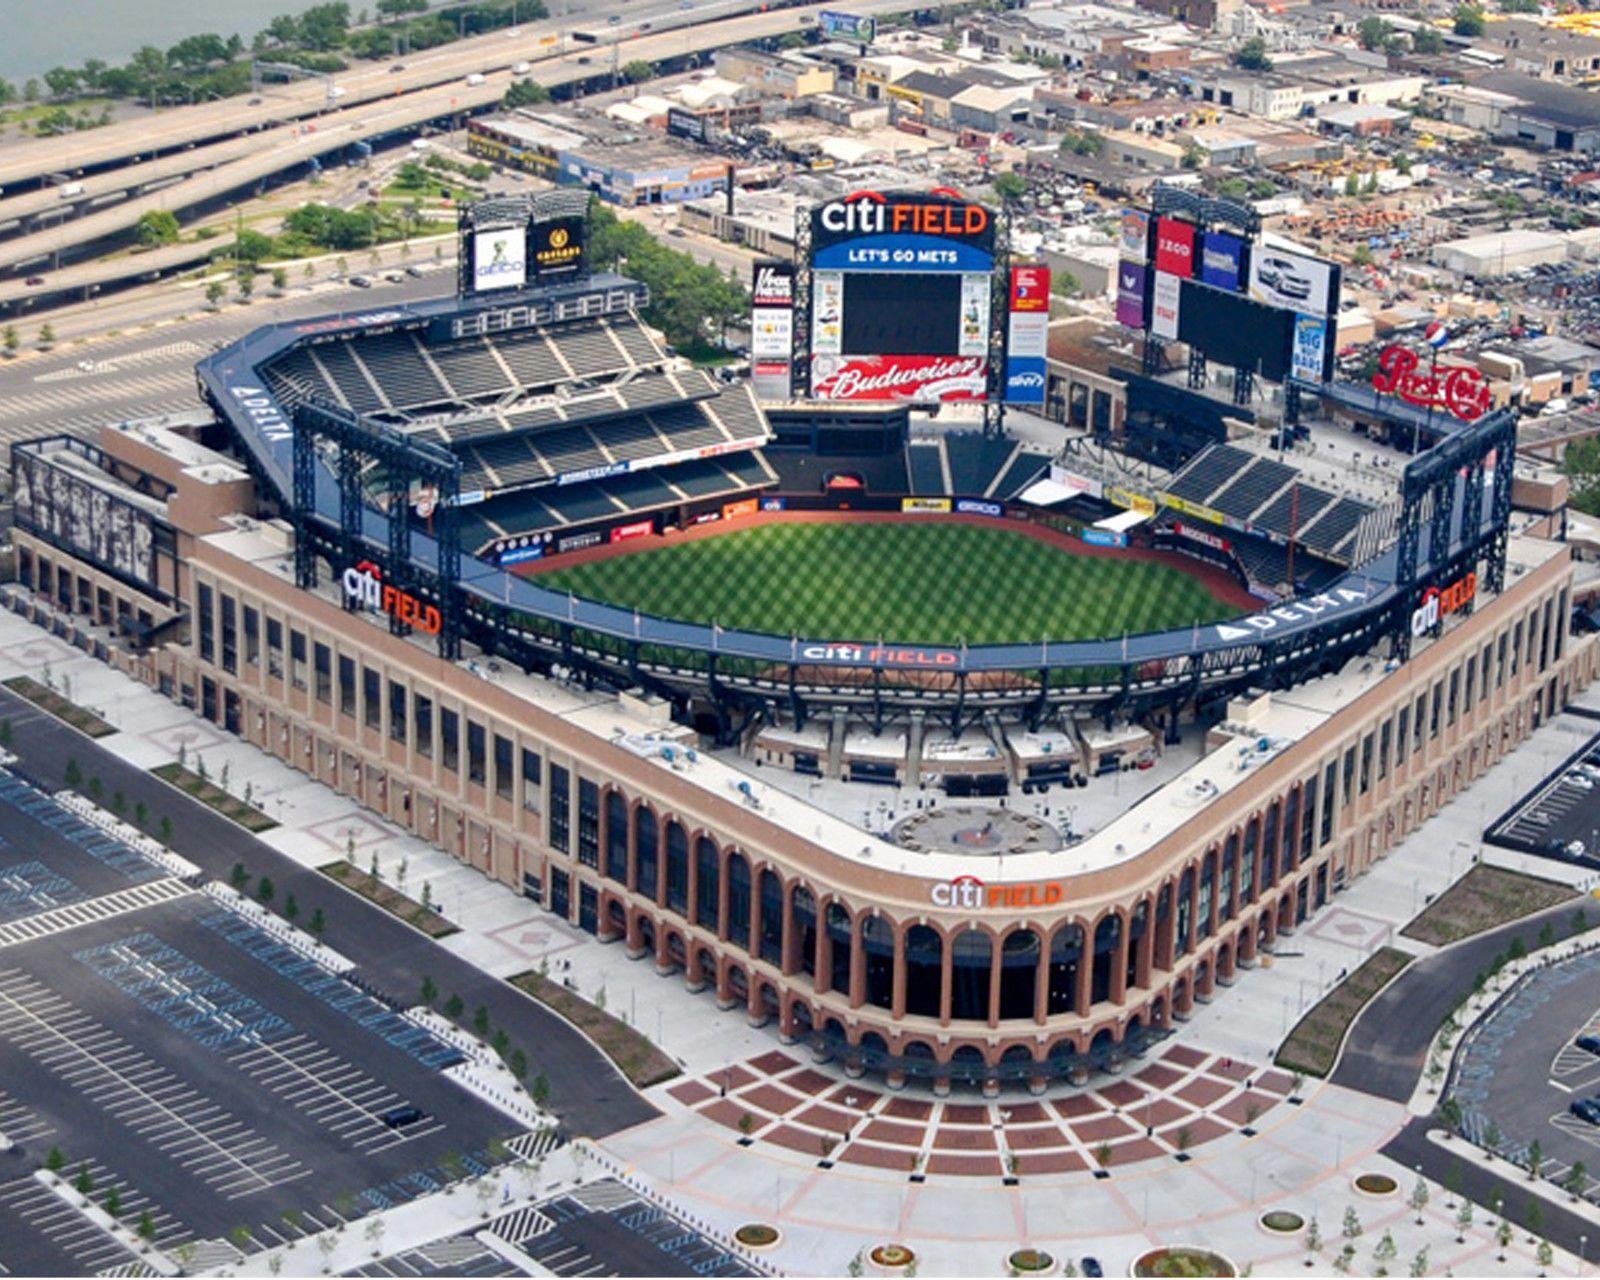 Citi Field New York Mets Stadium New York City 8x10 Photo Picture New York Mets Stadium Baseball Park Baseball Stadium